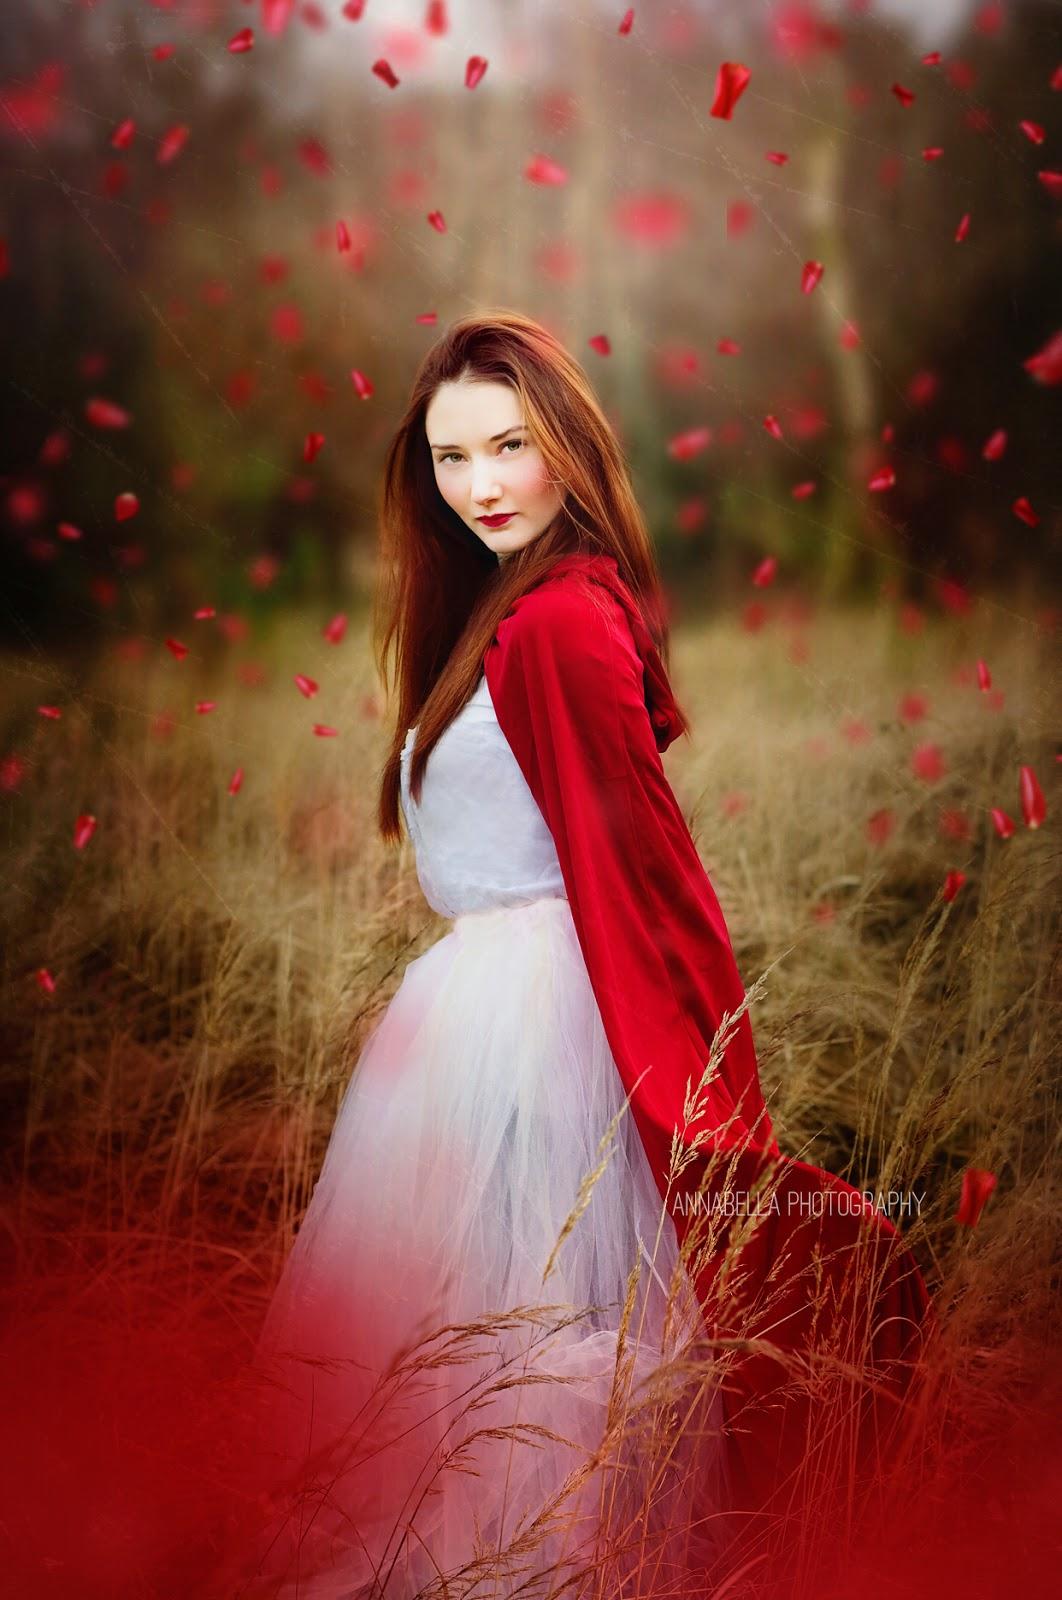 http://1.bp.blogspot.com/-heYkPTCqmp0/VK1i5KT7xGI/AAAAAAAAaYM/8yBAnd3ras8/s1600/webrr.jpg